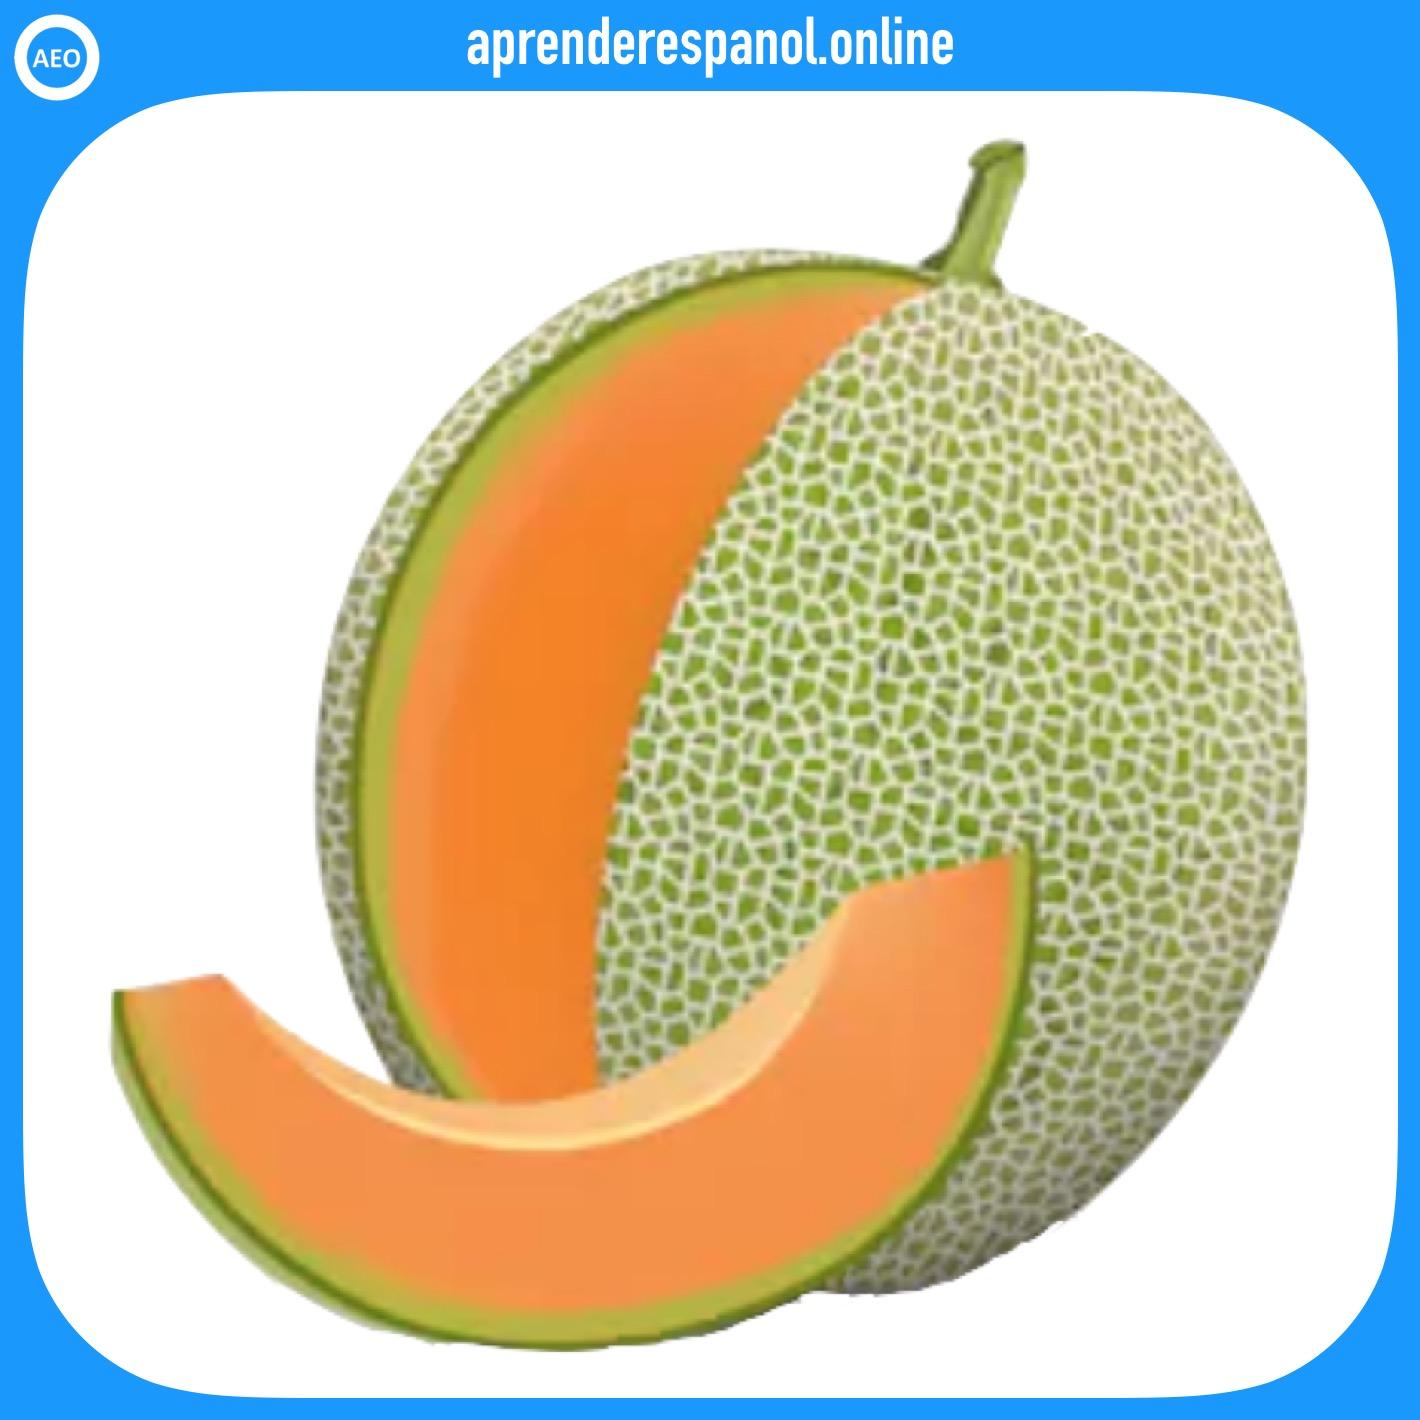 melón - frutas en español - vocabulario de las frutas en español